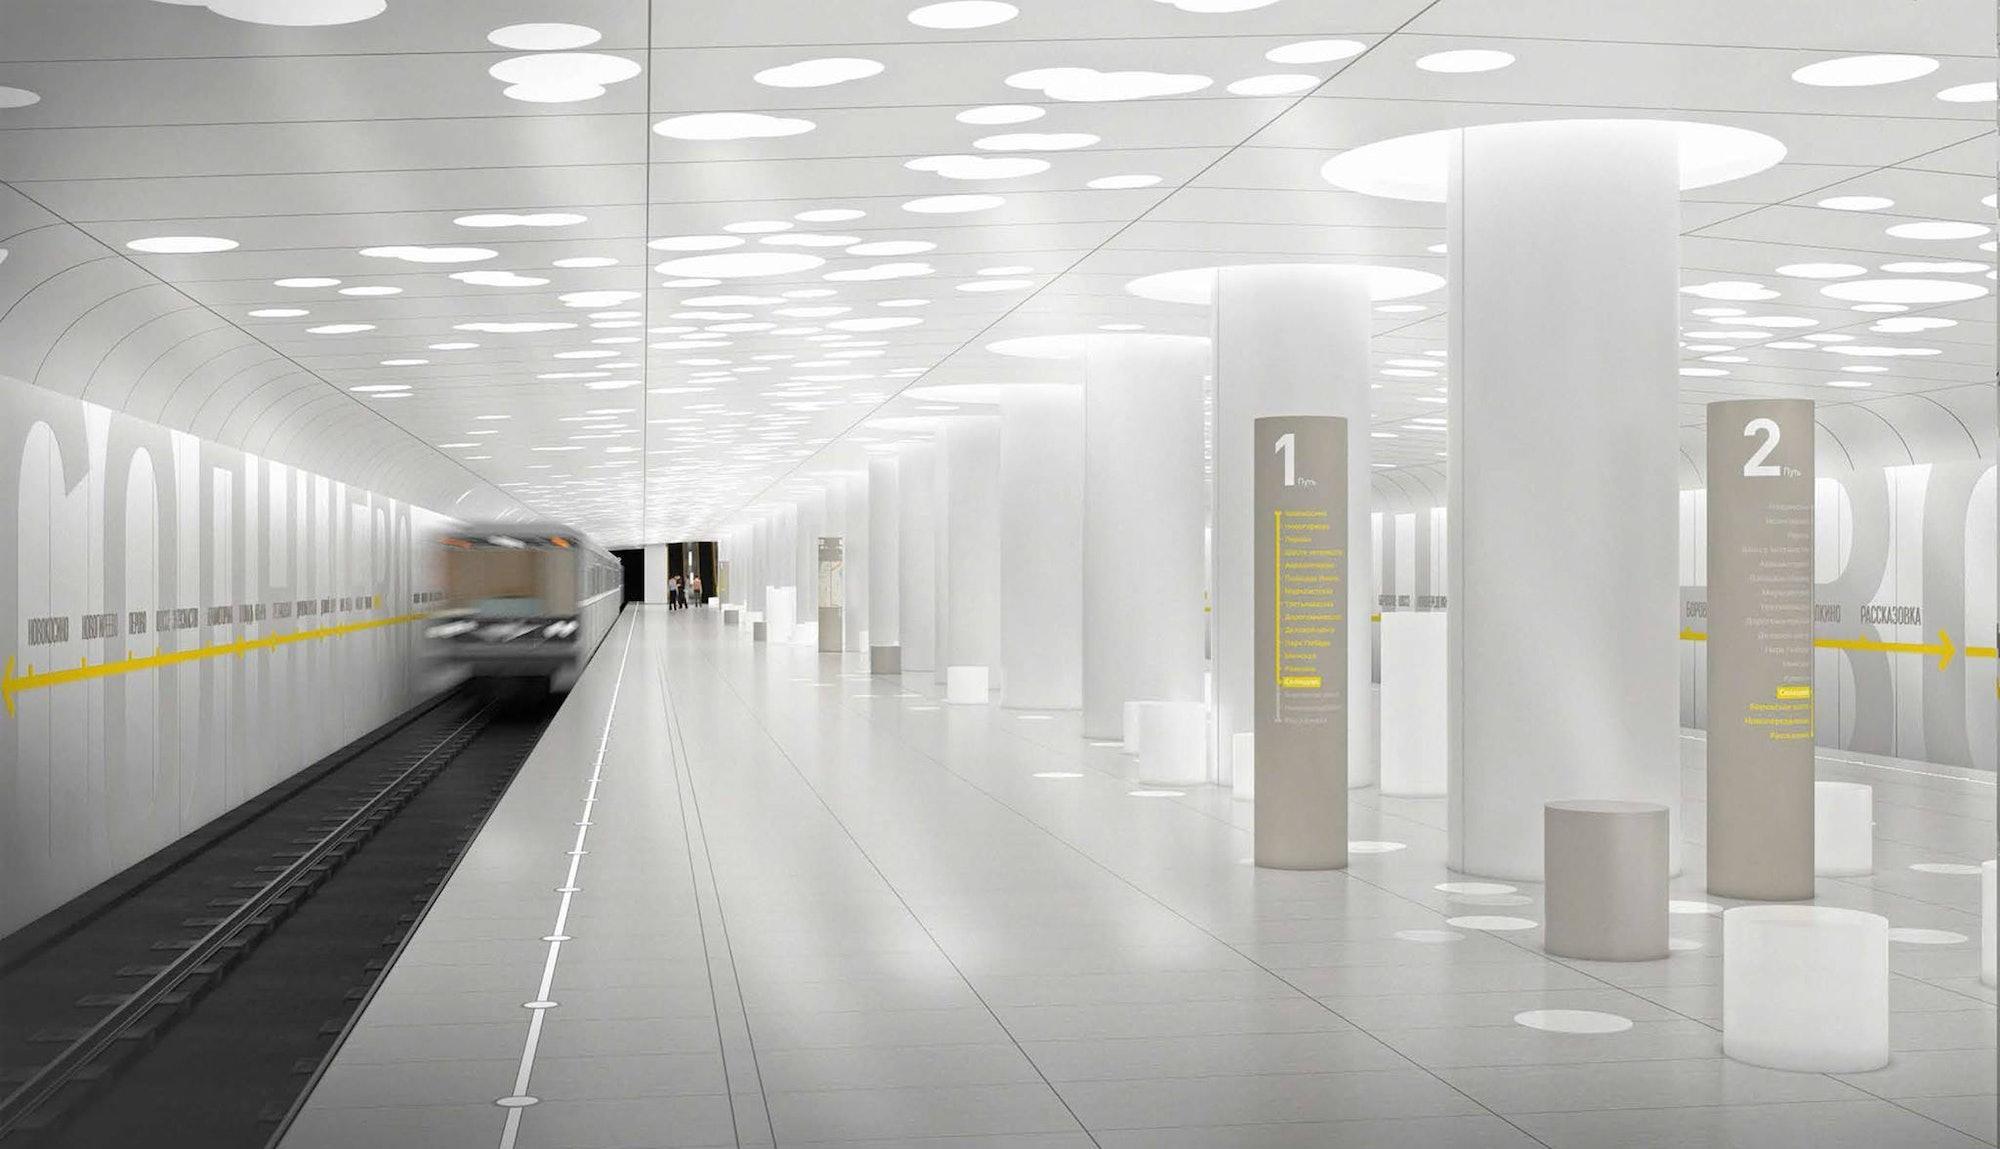 Solntsevo metro station by Nefa Architects.